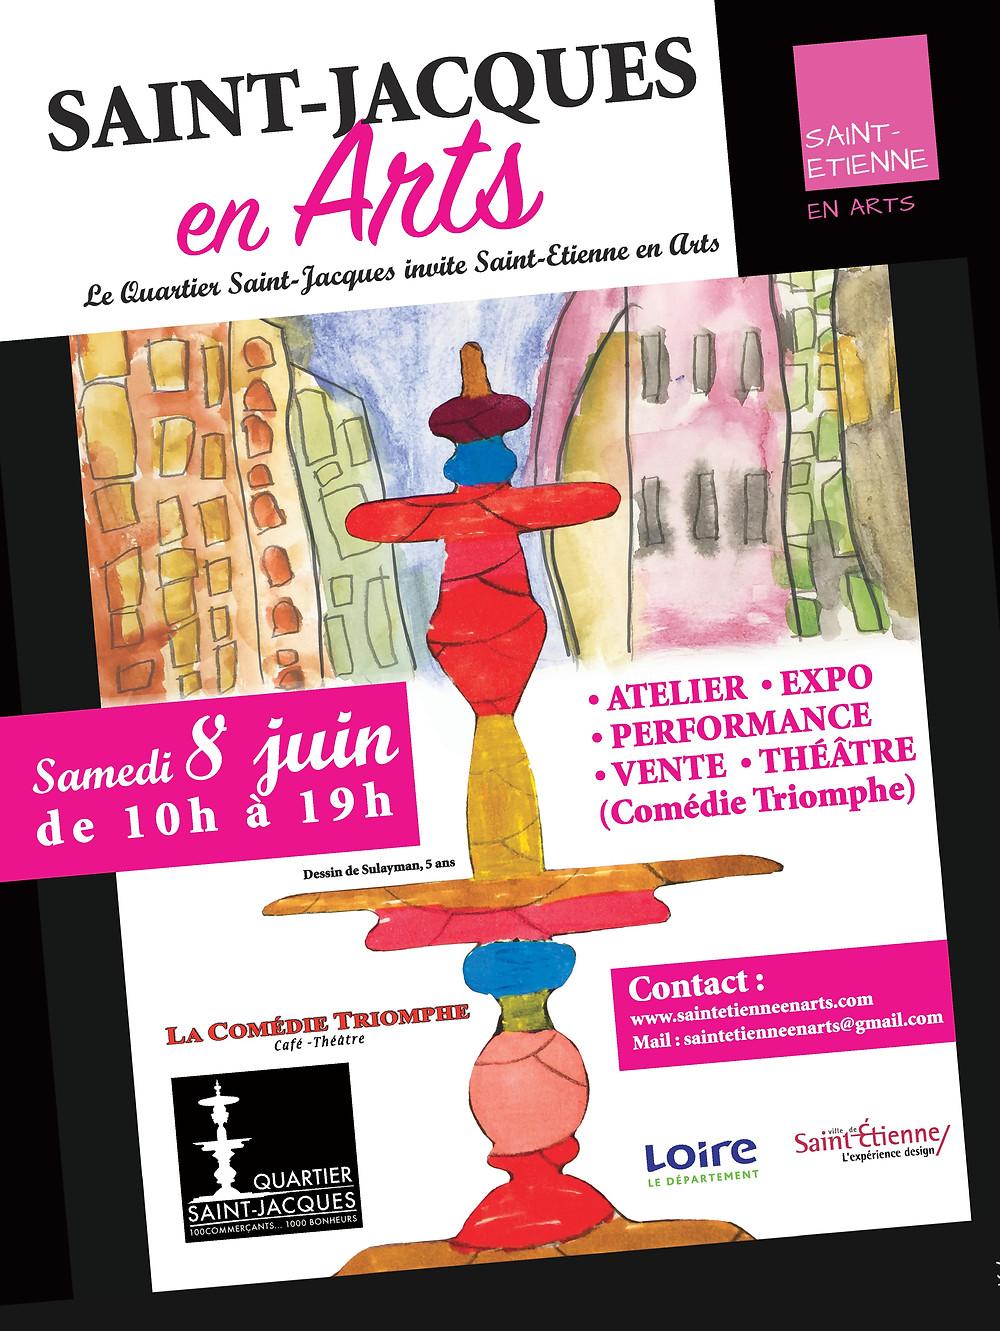 Saint-Jacques en Arts - Saint-Etienne